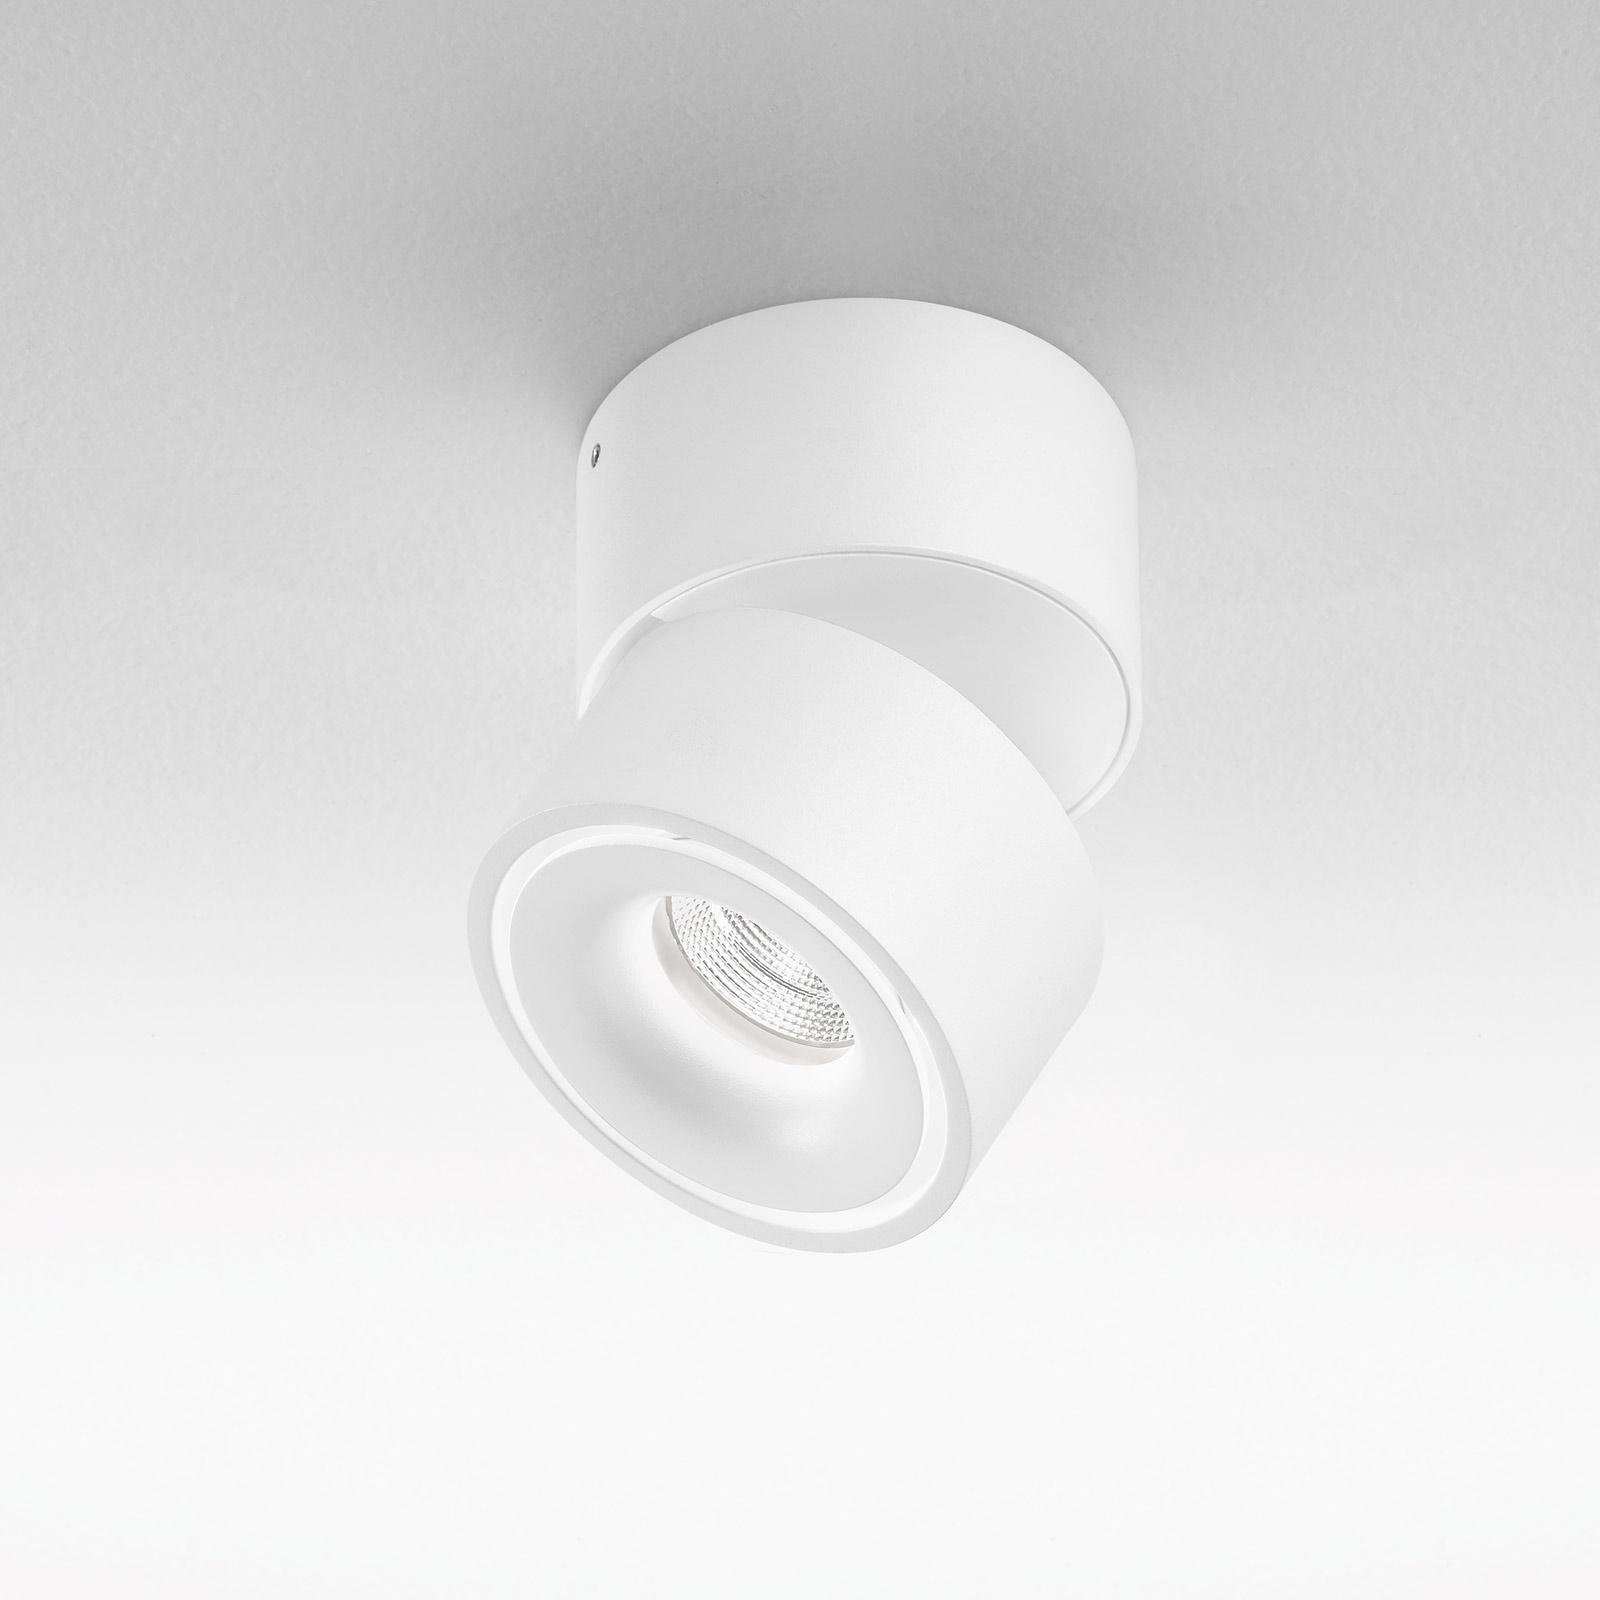 Egger Clippo LED-skinnespot dim-to-warm hvit